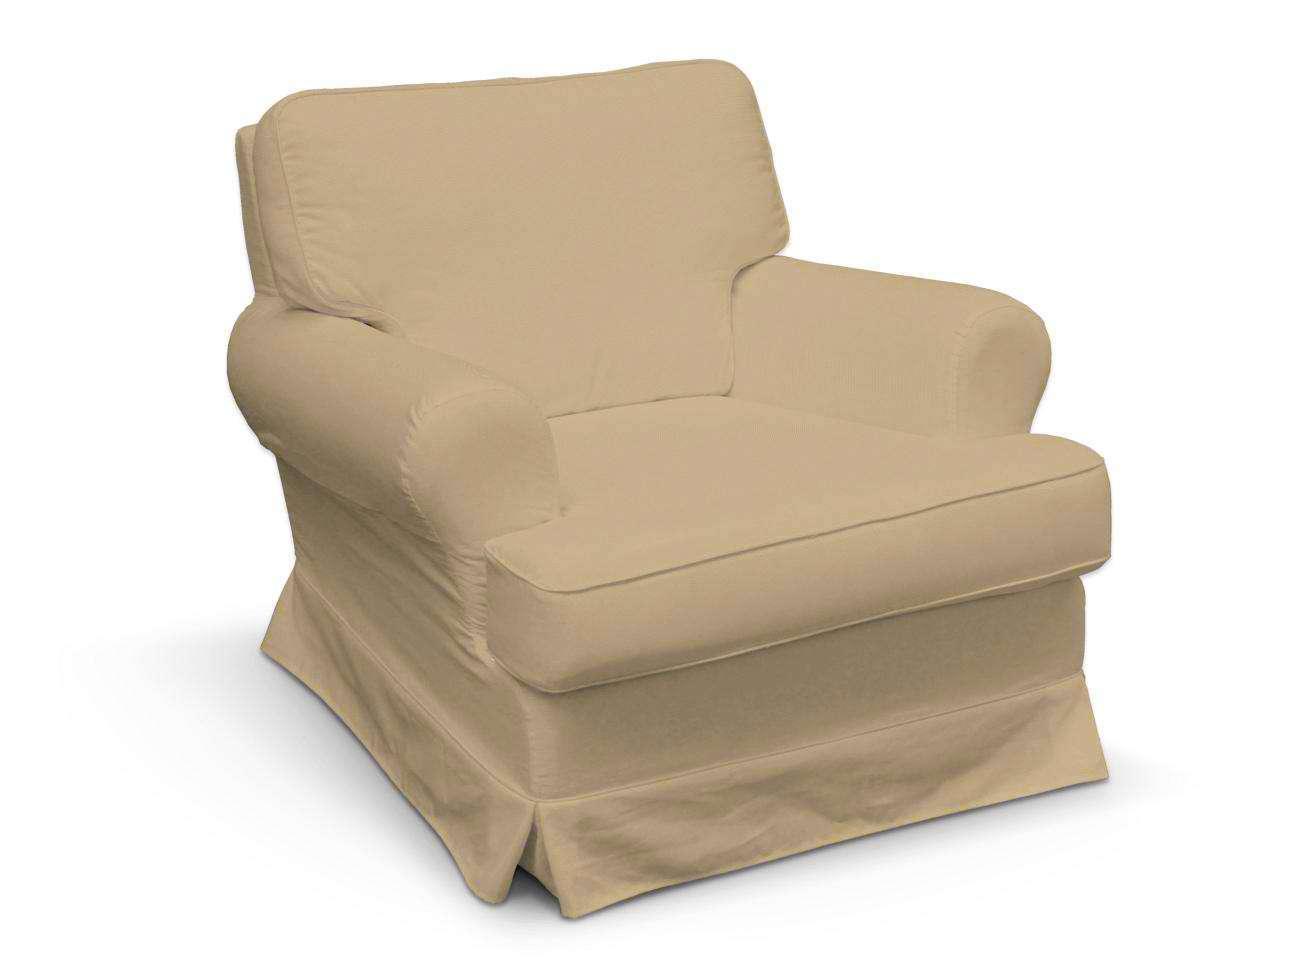 Barkaby fotelio užvalkalas Barkaby fotelio užvalkalas kolekcijoje Cotton Panama, audinys: 702-01